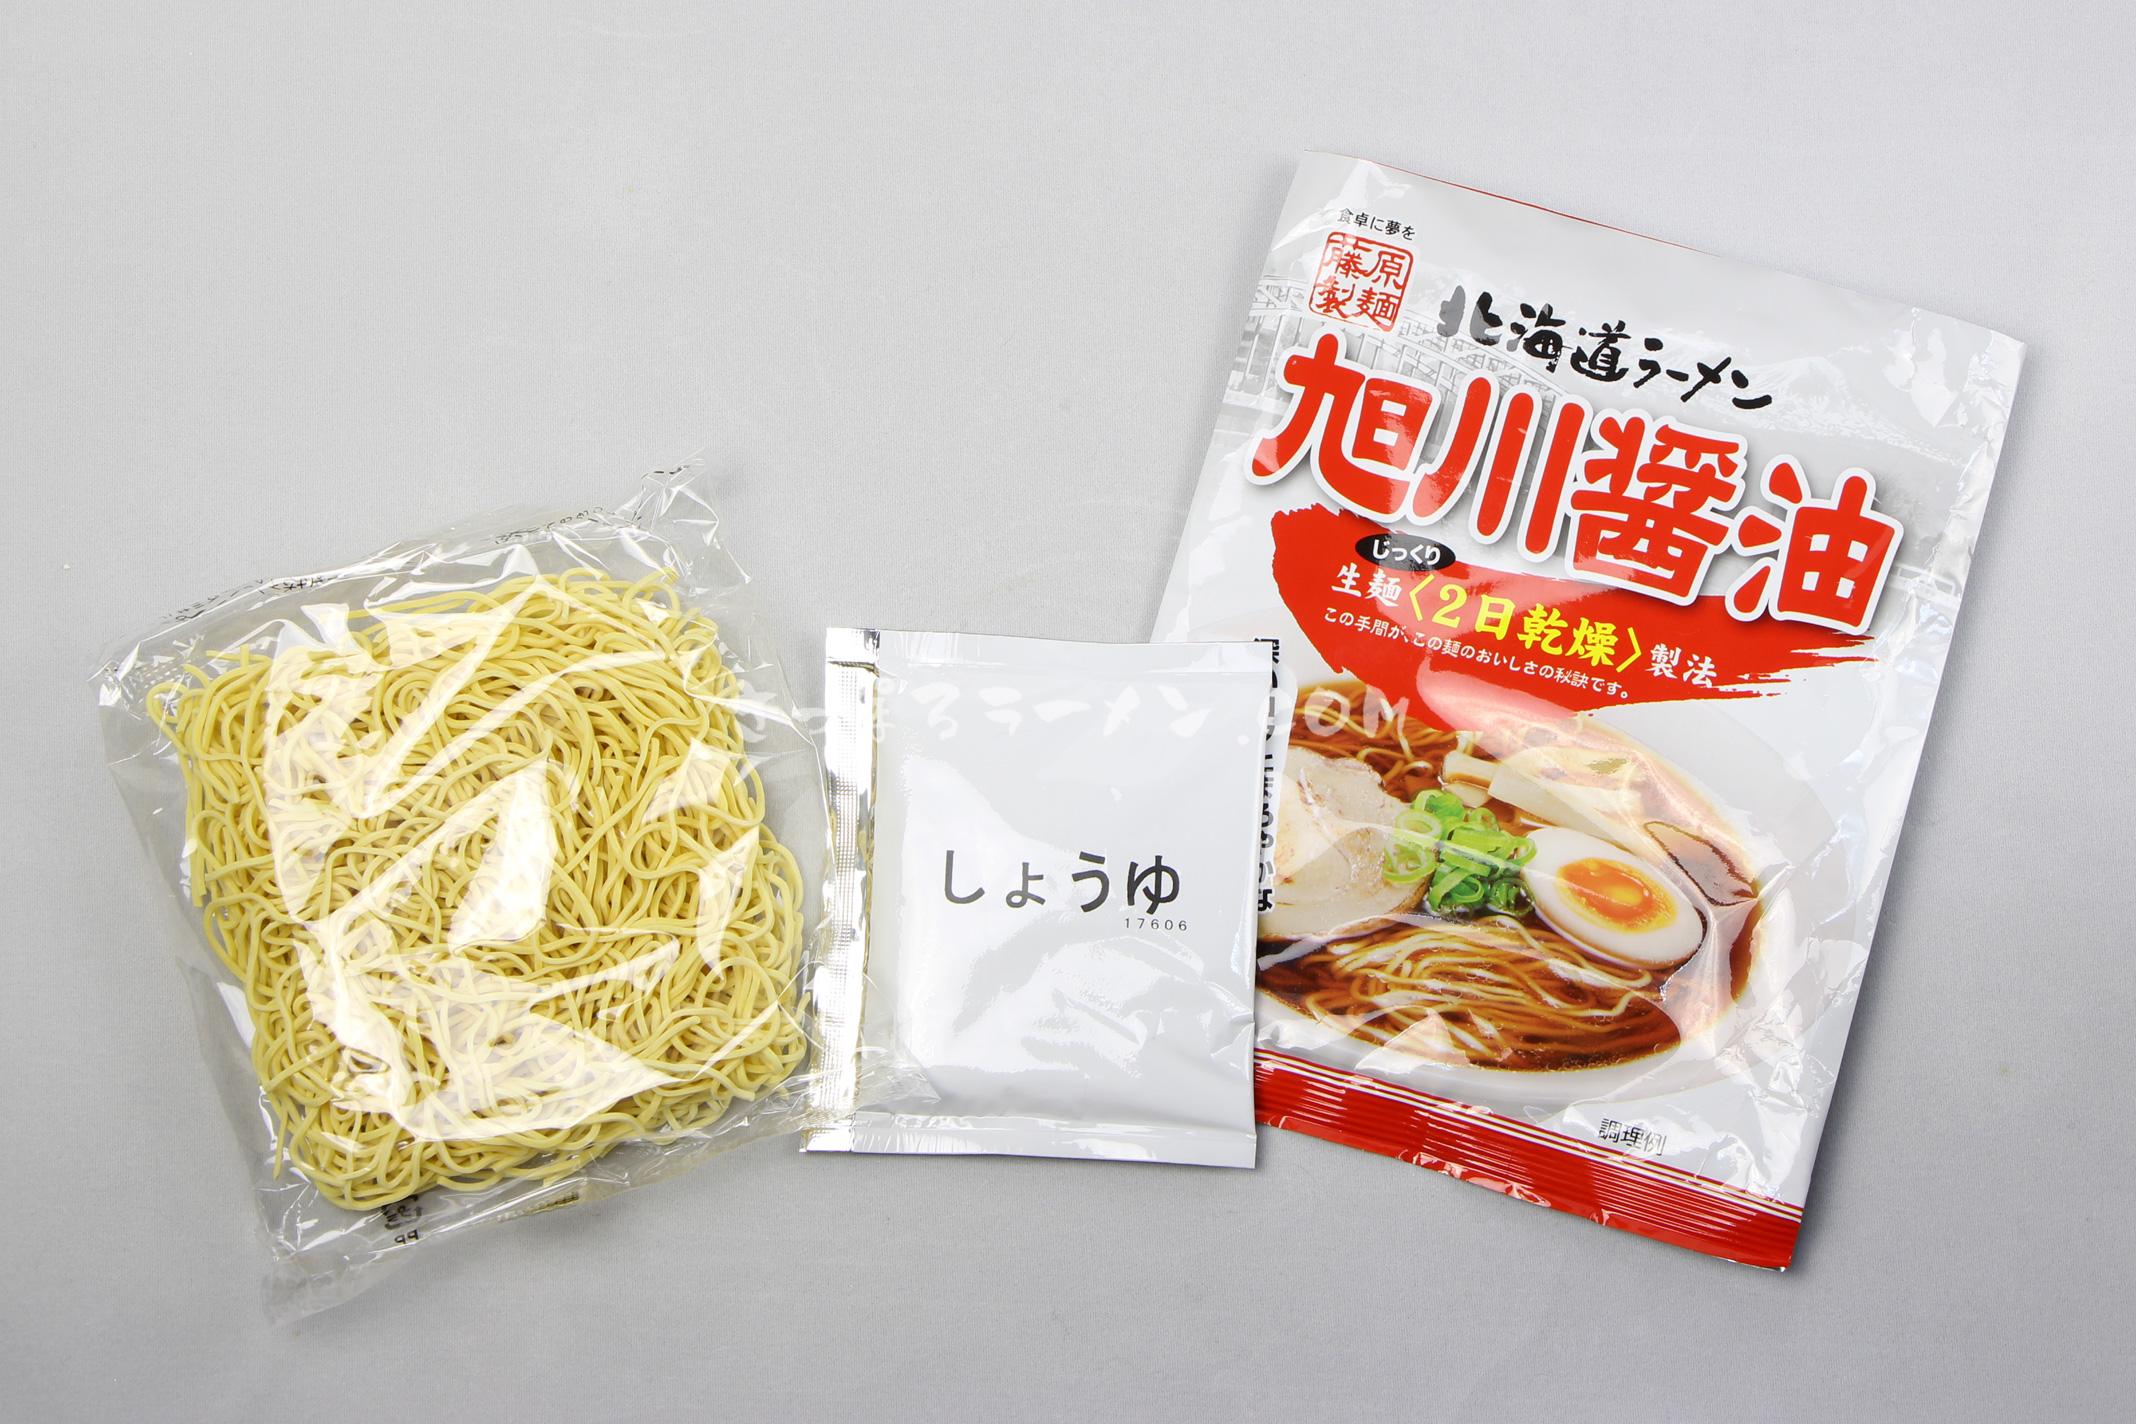 「北海道ラーメン旭川醤油」(藤原製麺)の麺とスープ